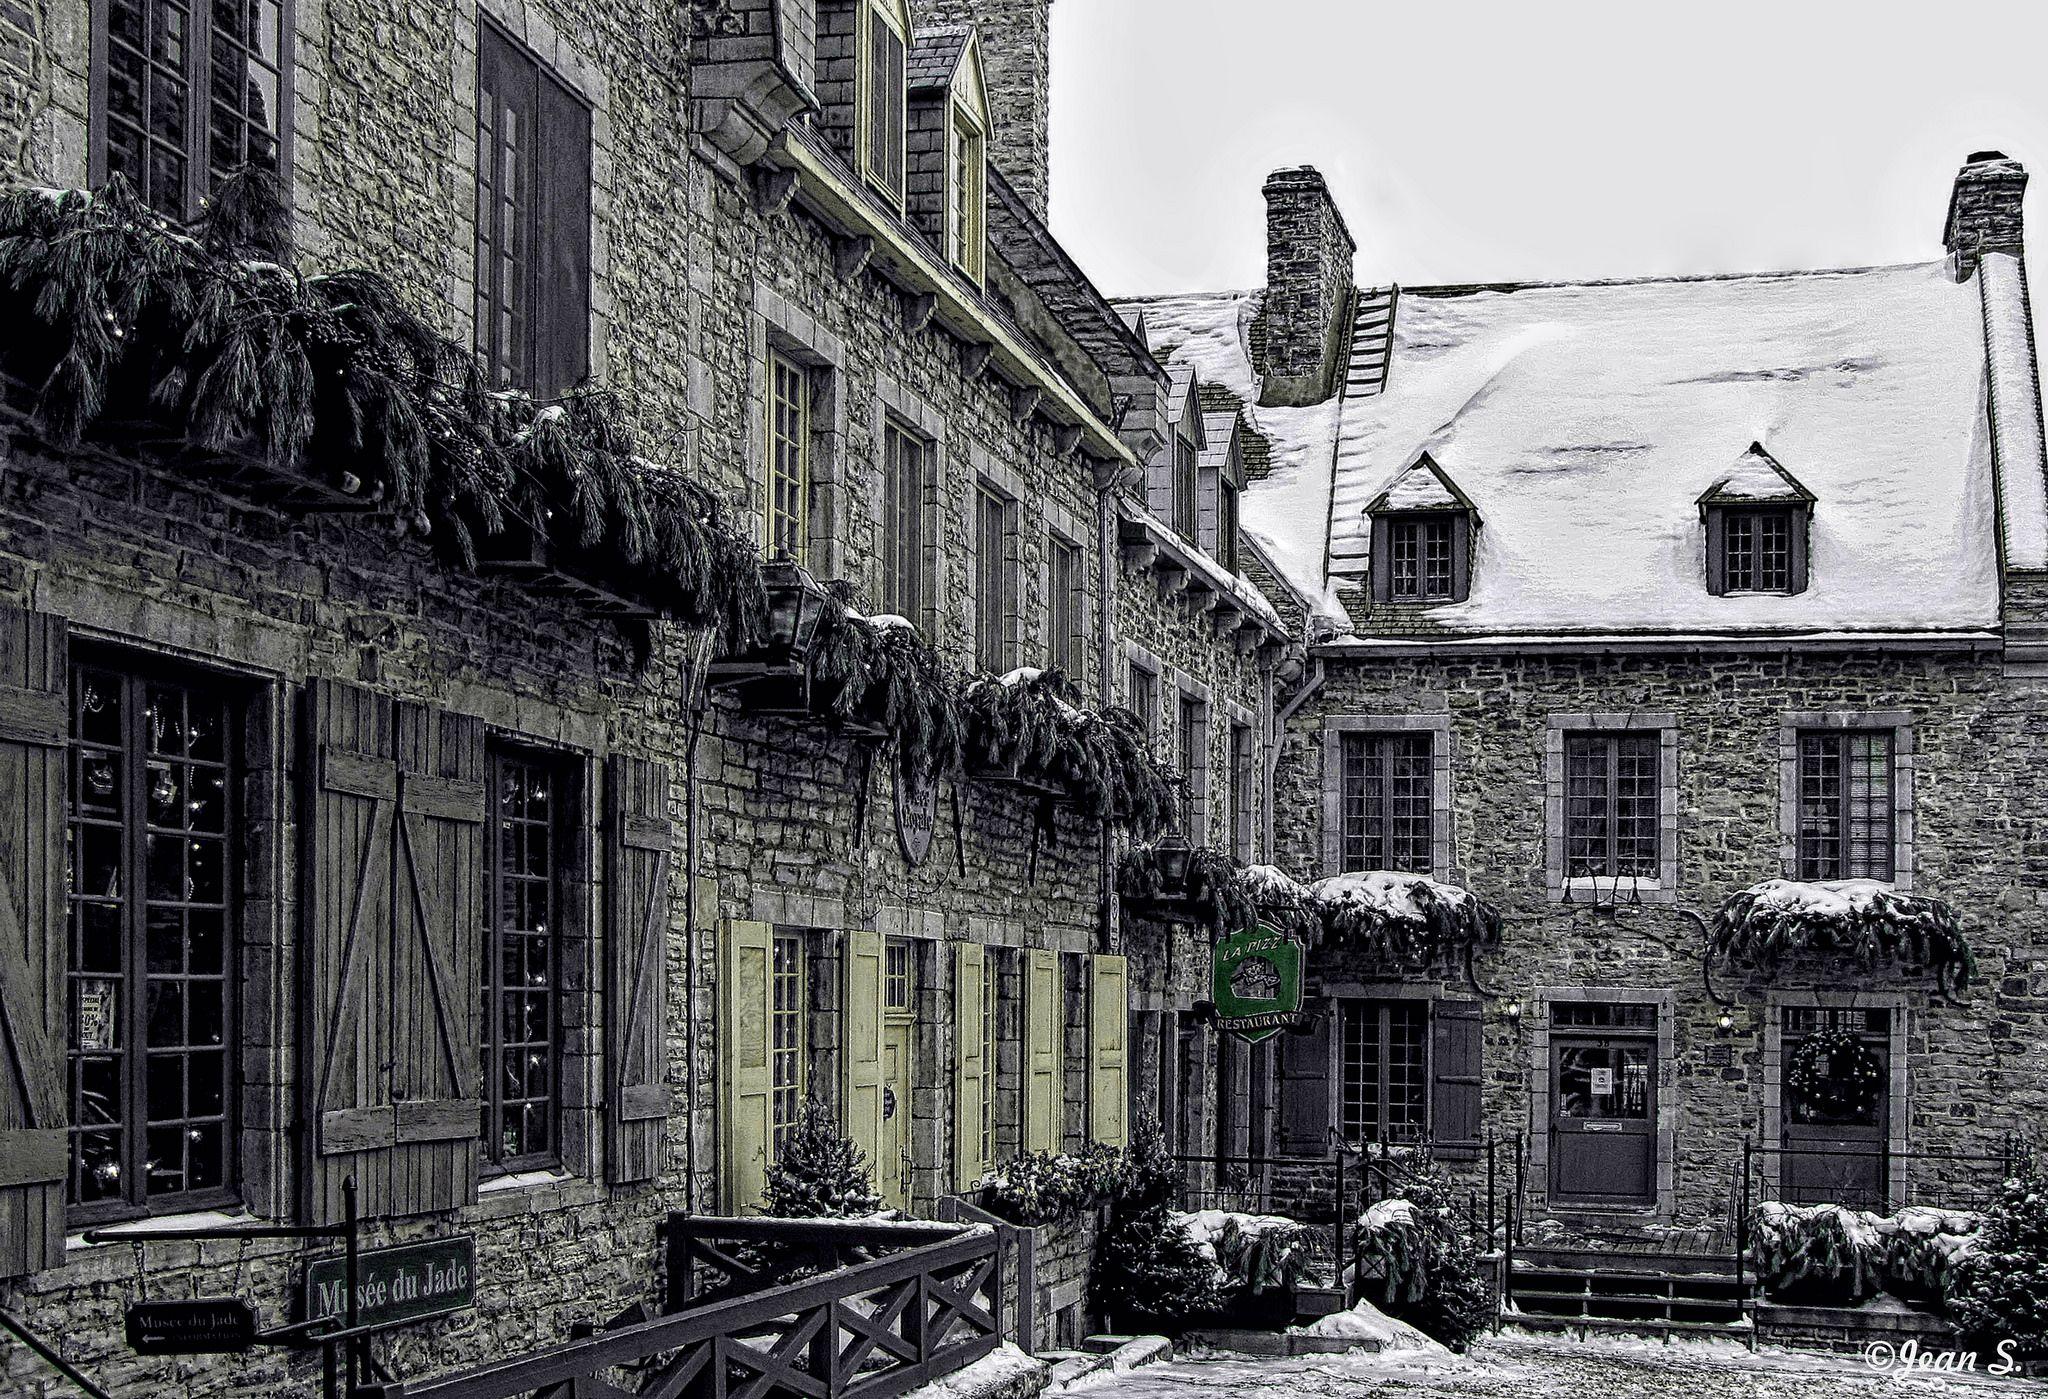 Vieilles pierres | Place Royale, ville de Québec - Février 2011.